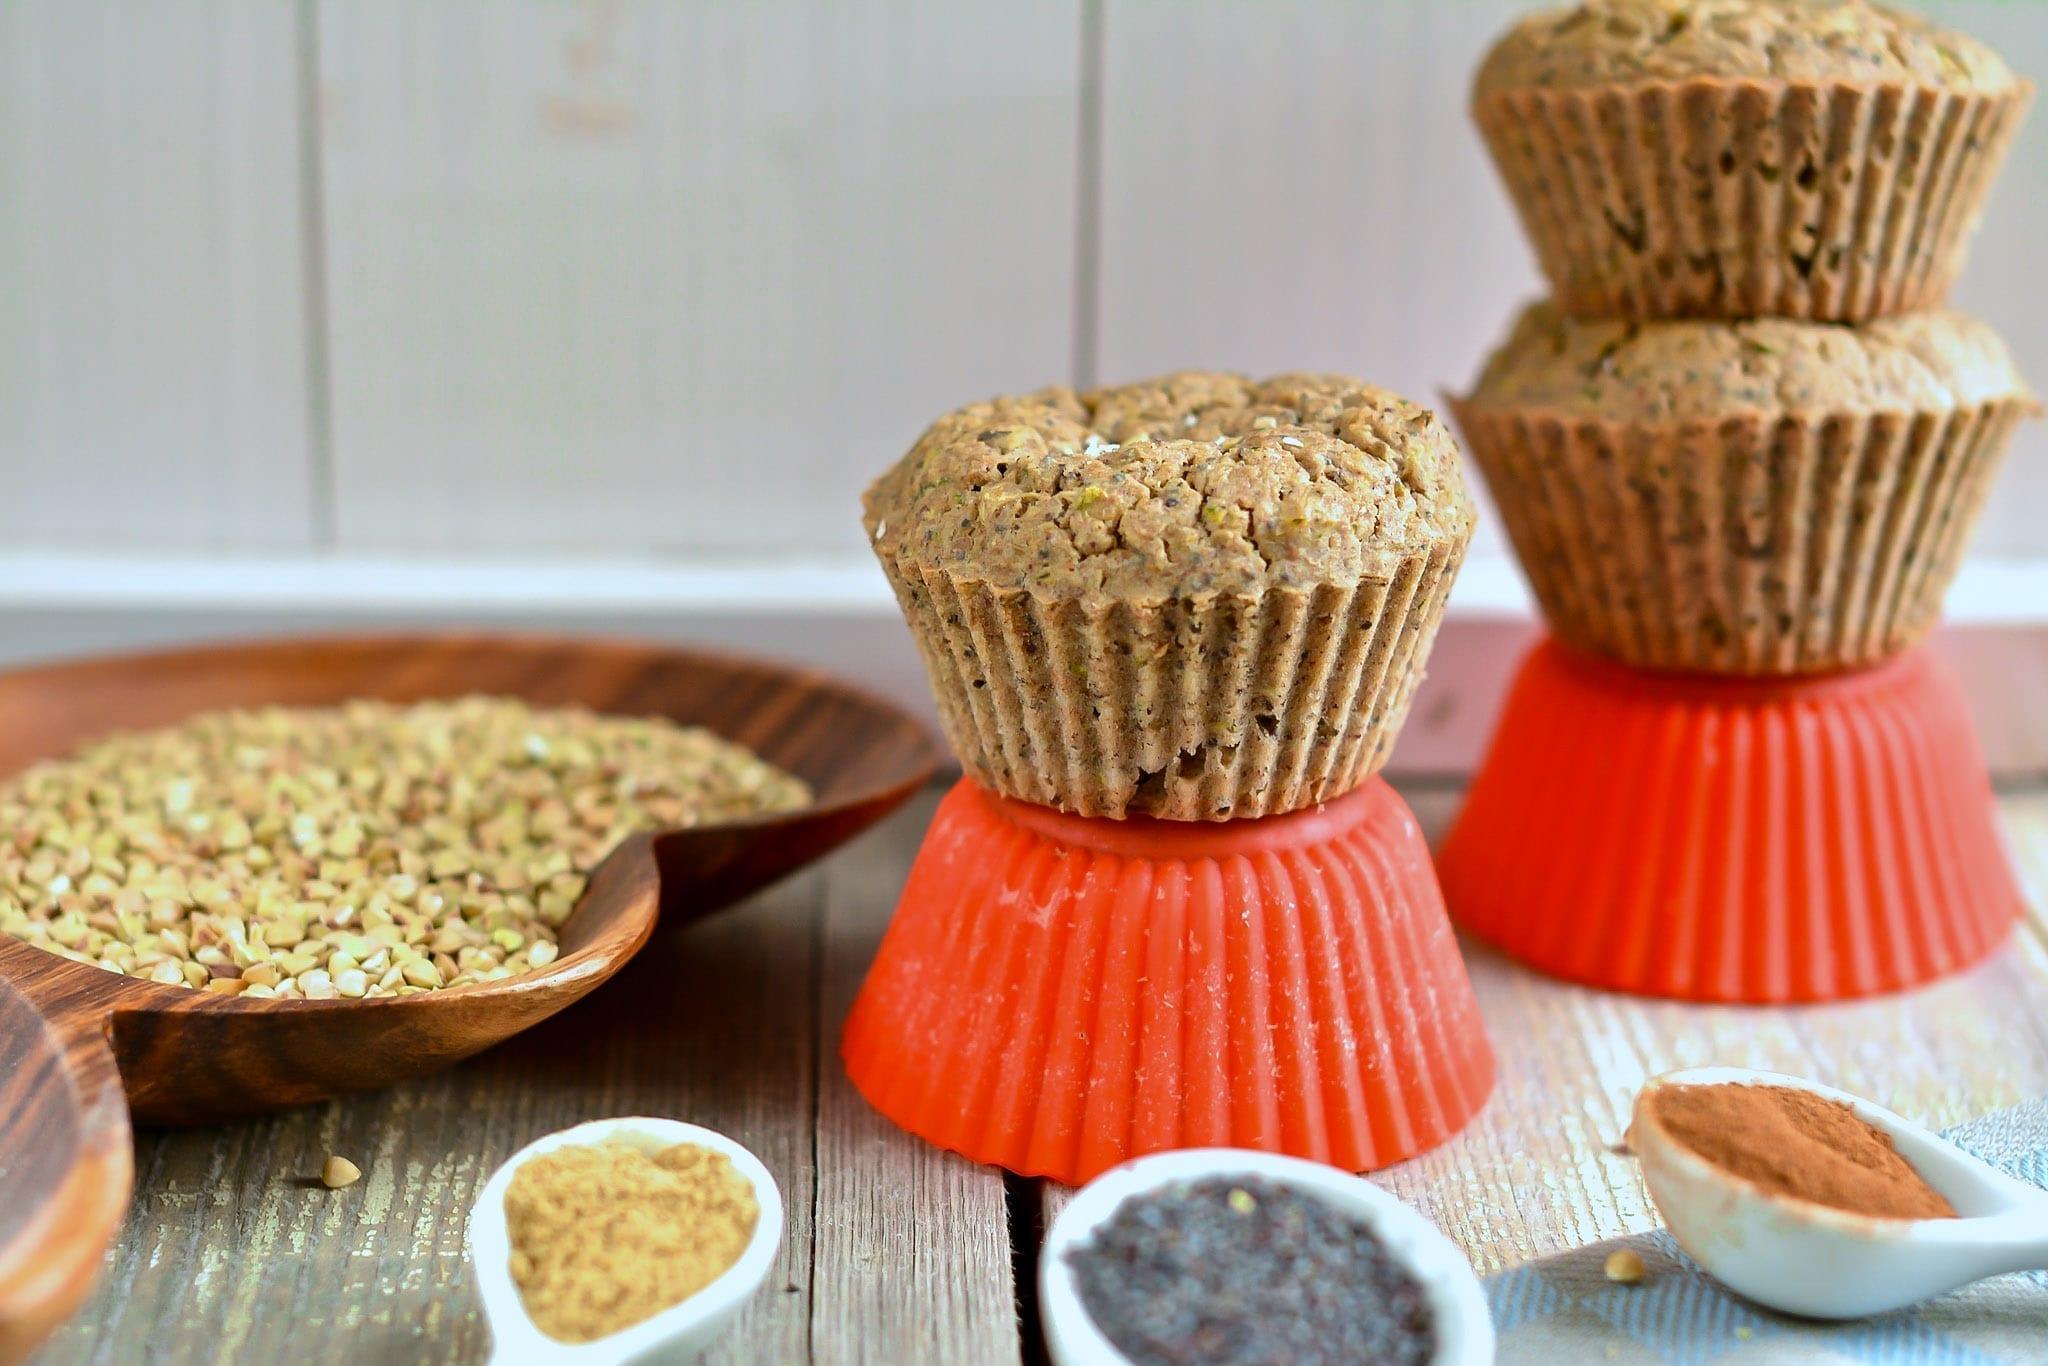 muffins-oat-bran-buckwheat-with-zucchini